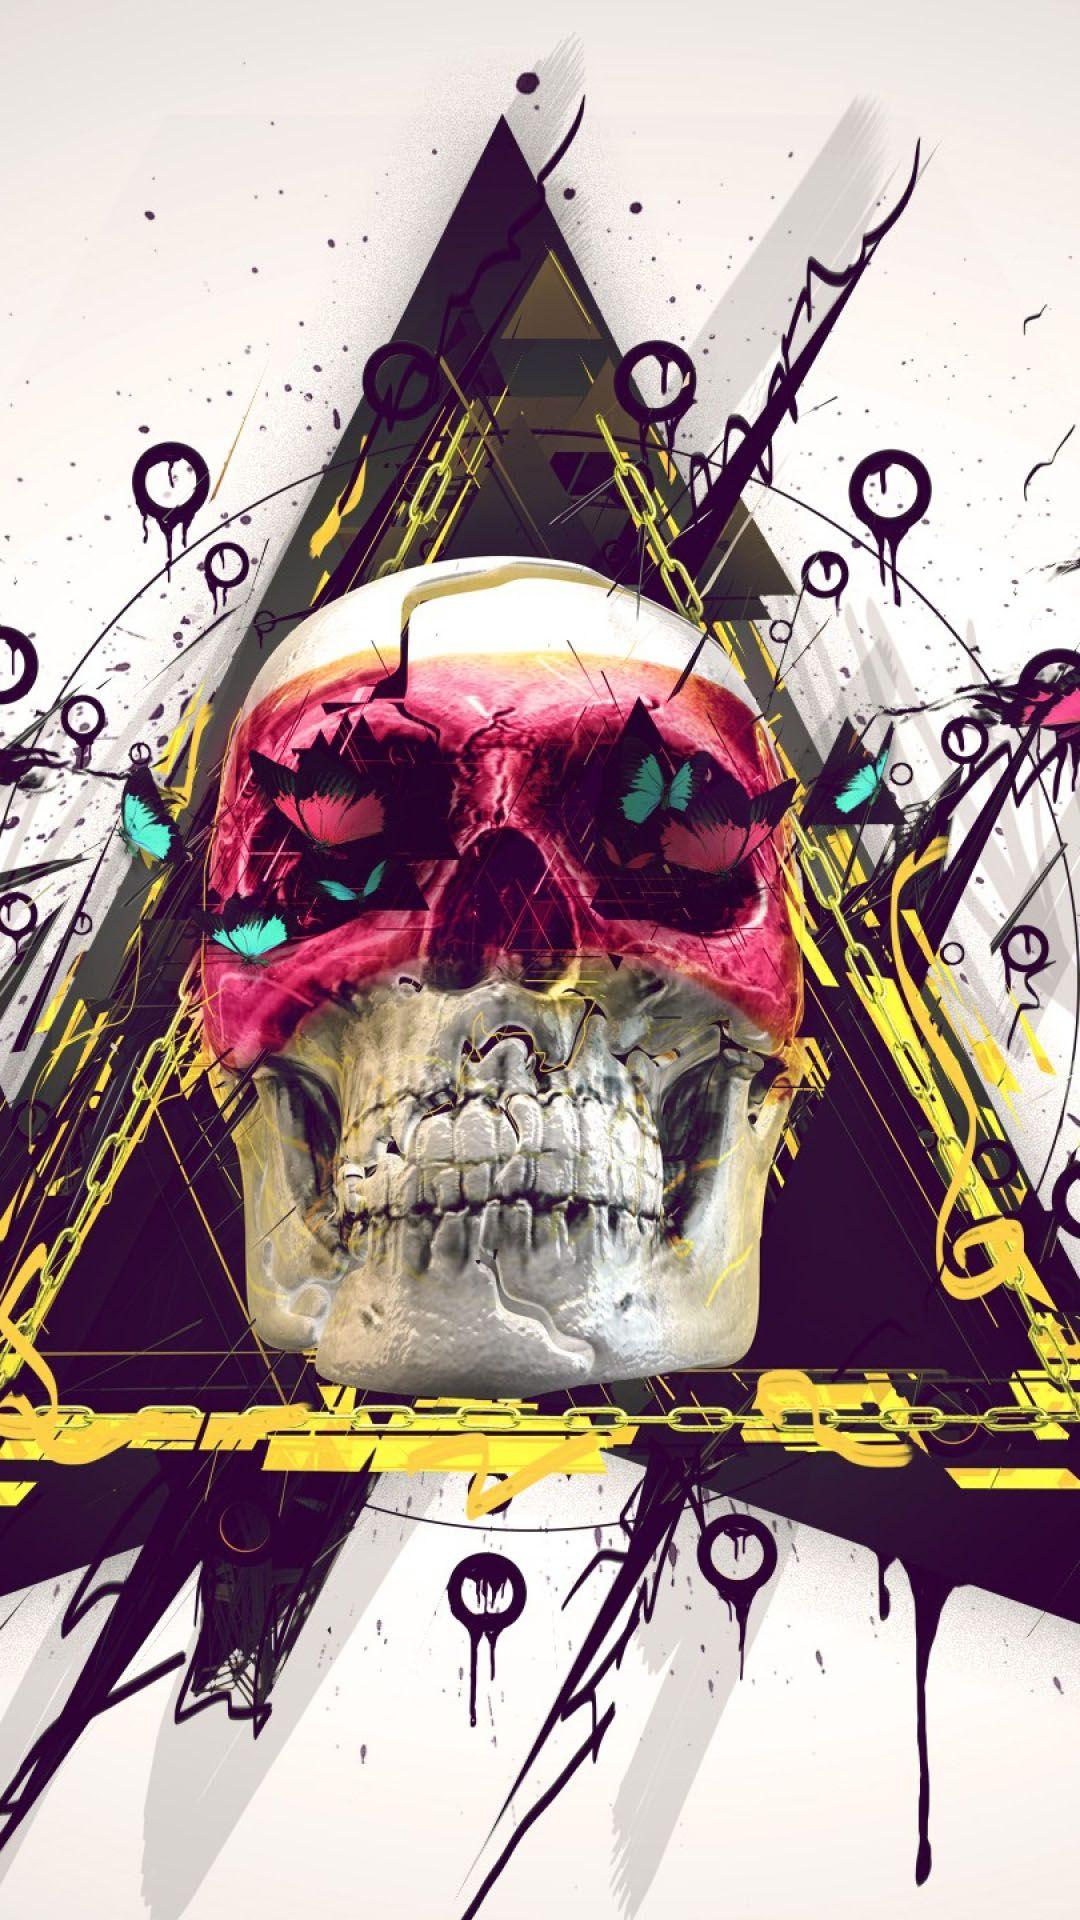 Hipster Wallpaper 頭蓋骨